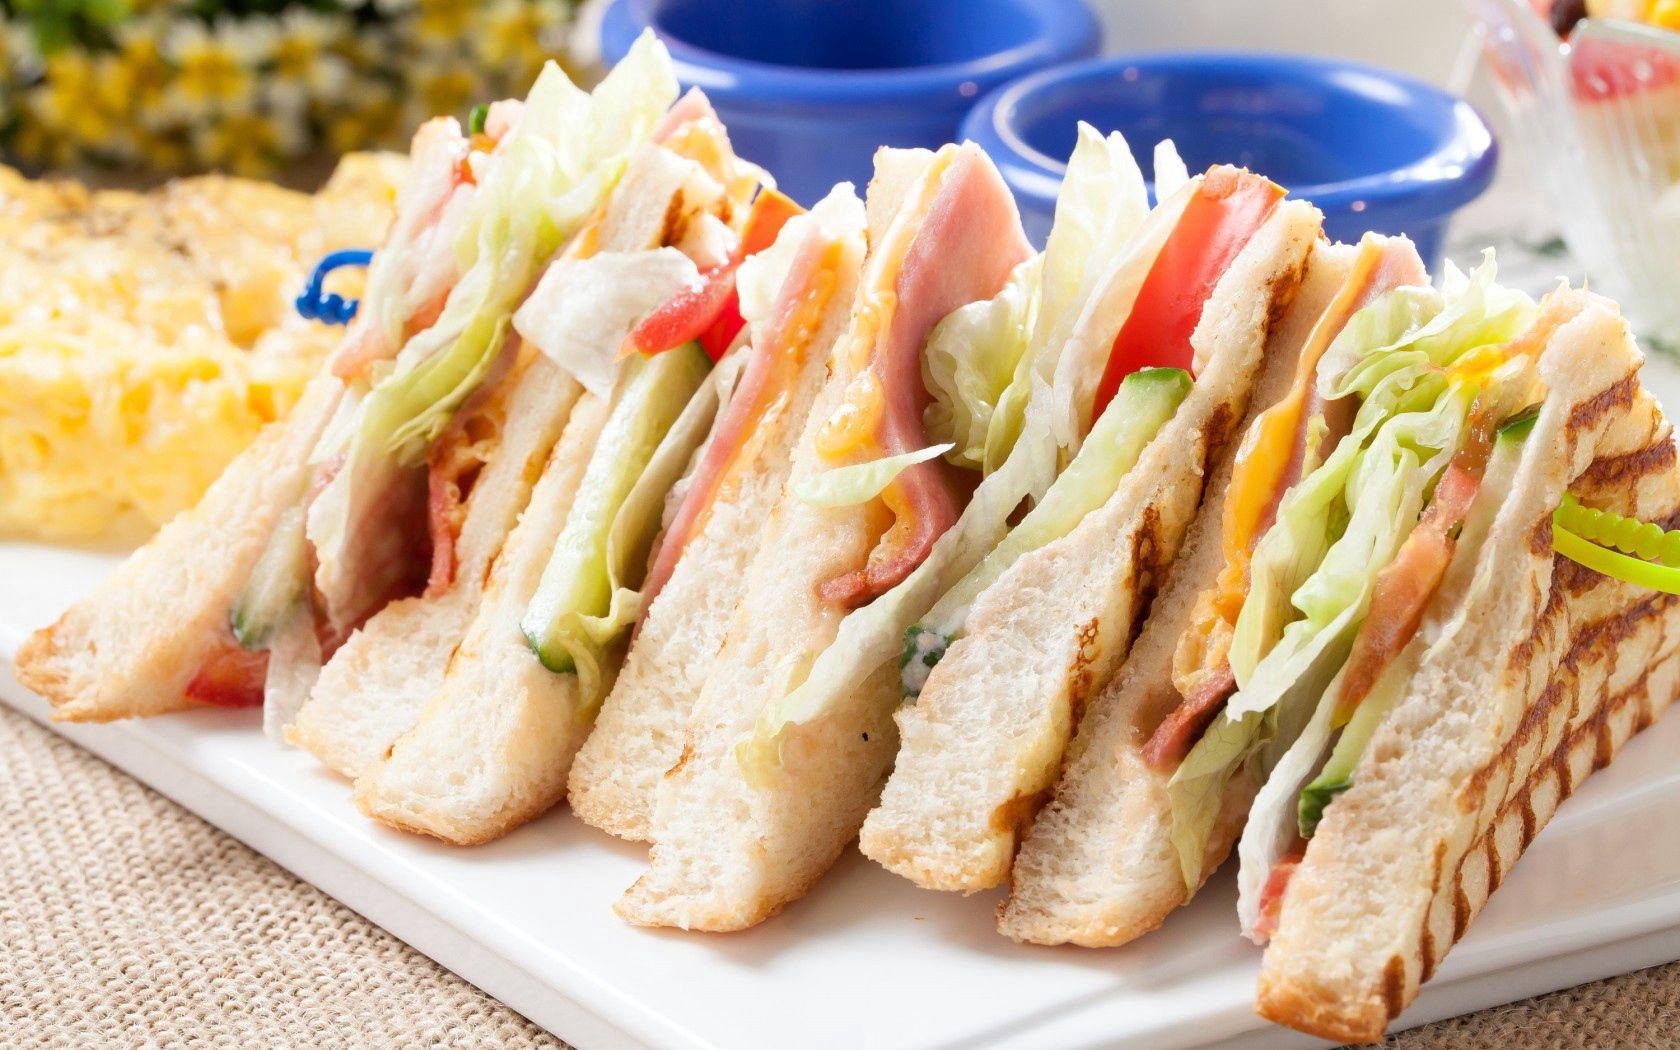 免費壁紙138820:食物, 一个三明治, 三明治, 面包, 肉, 蔬菜 下載手機圖片